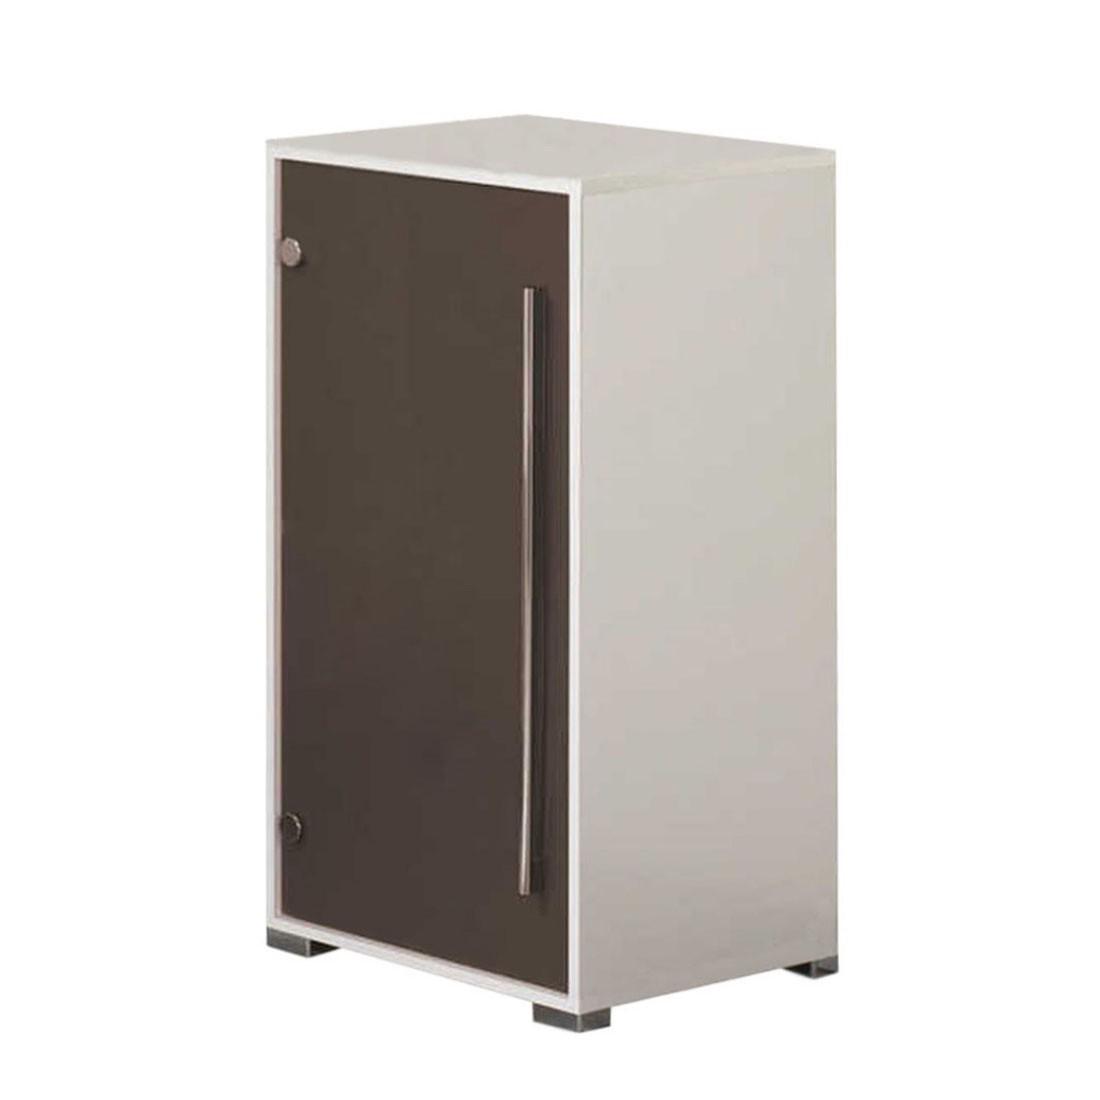 Home 24 - Meuble sous lavabo brantford - blanc / anthracite, aqua suite